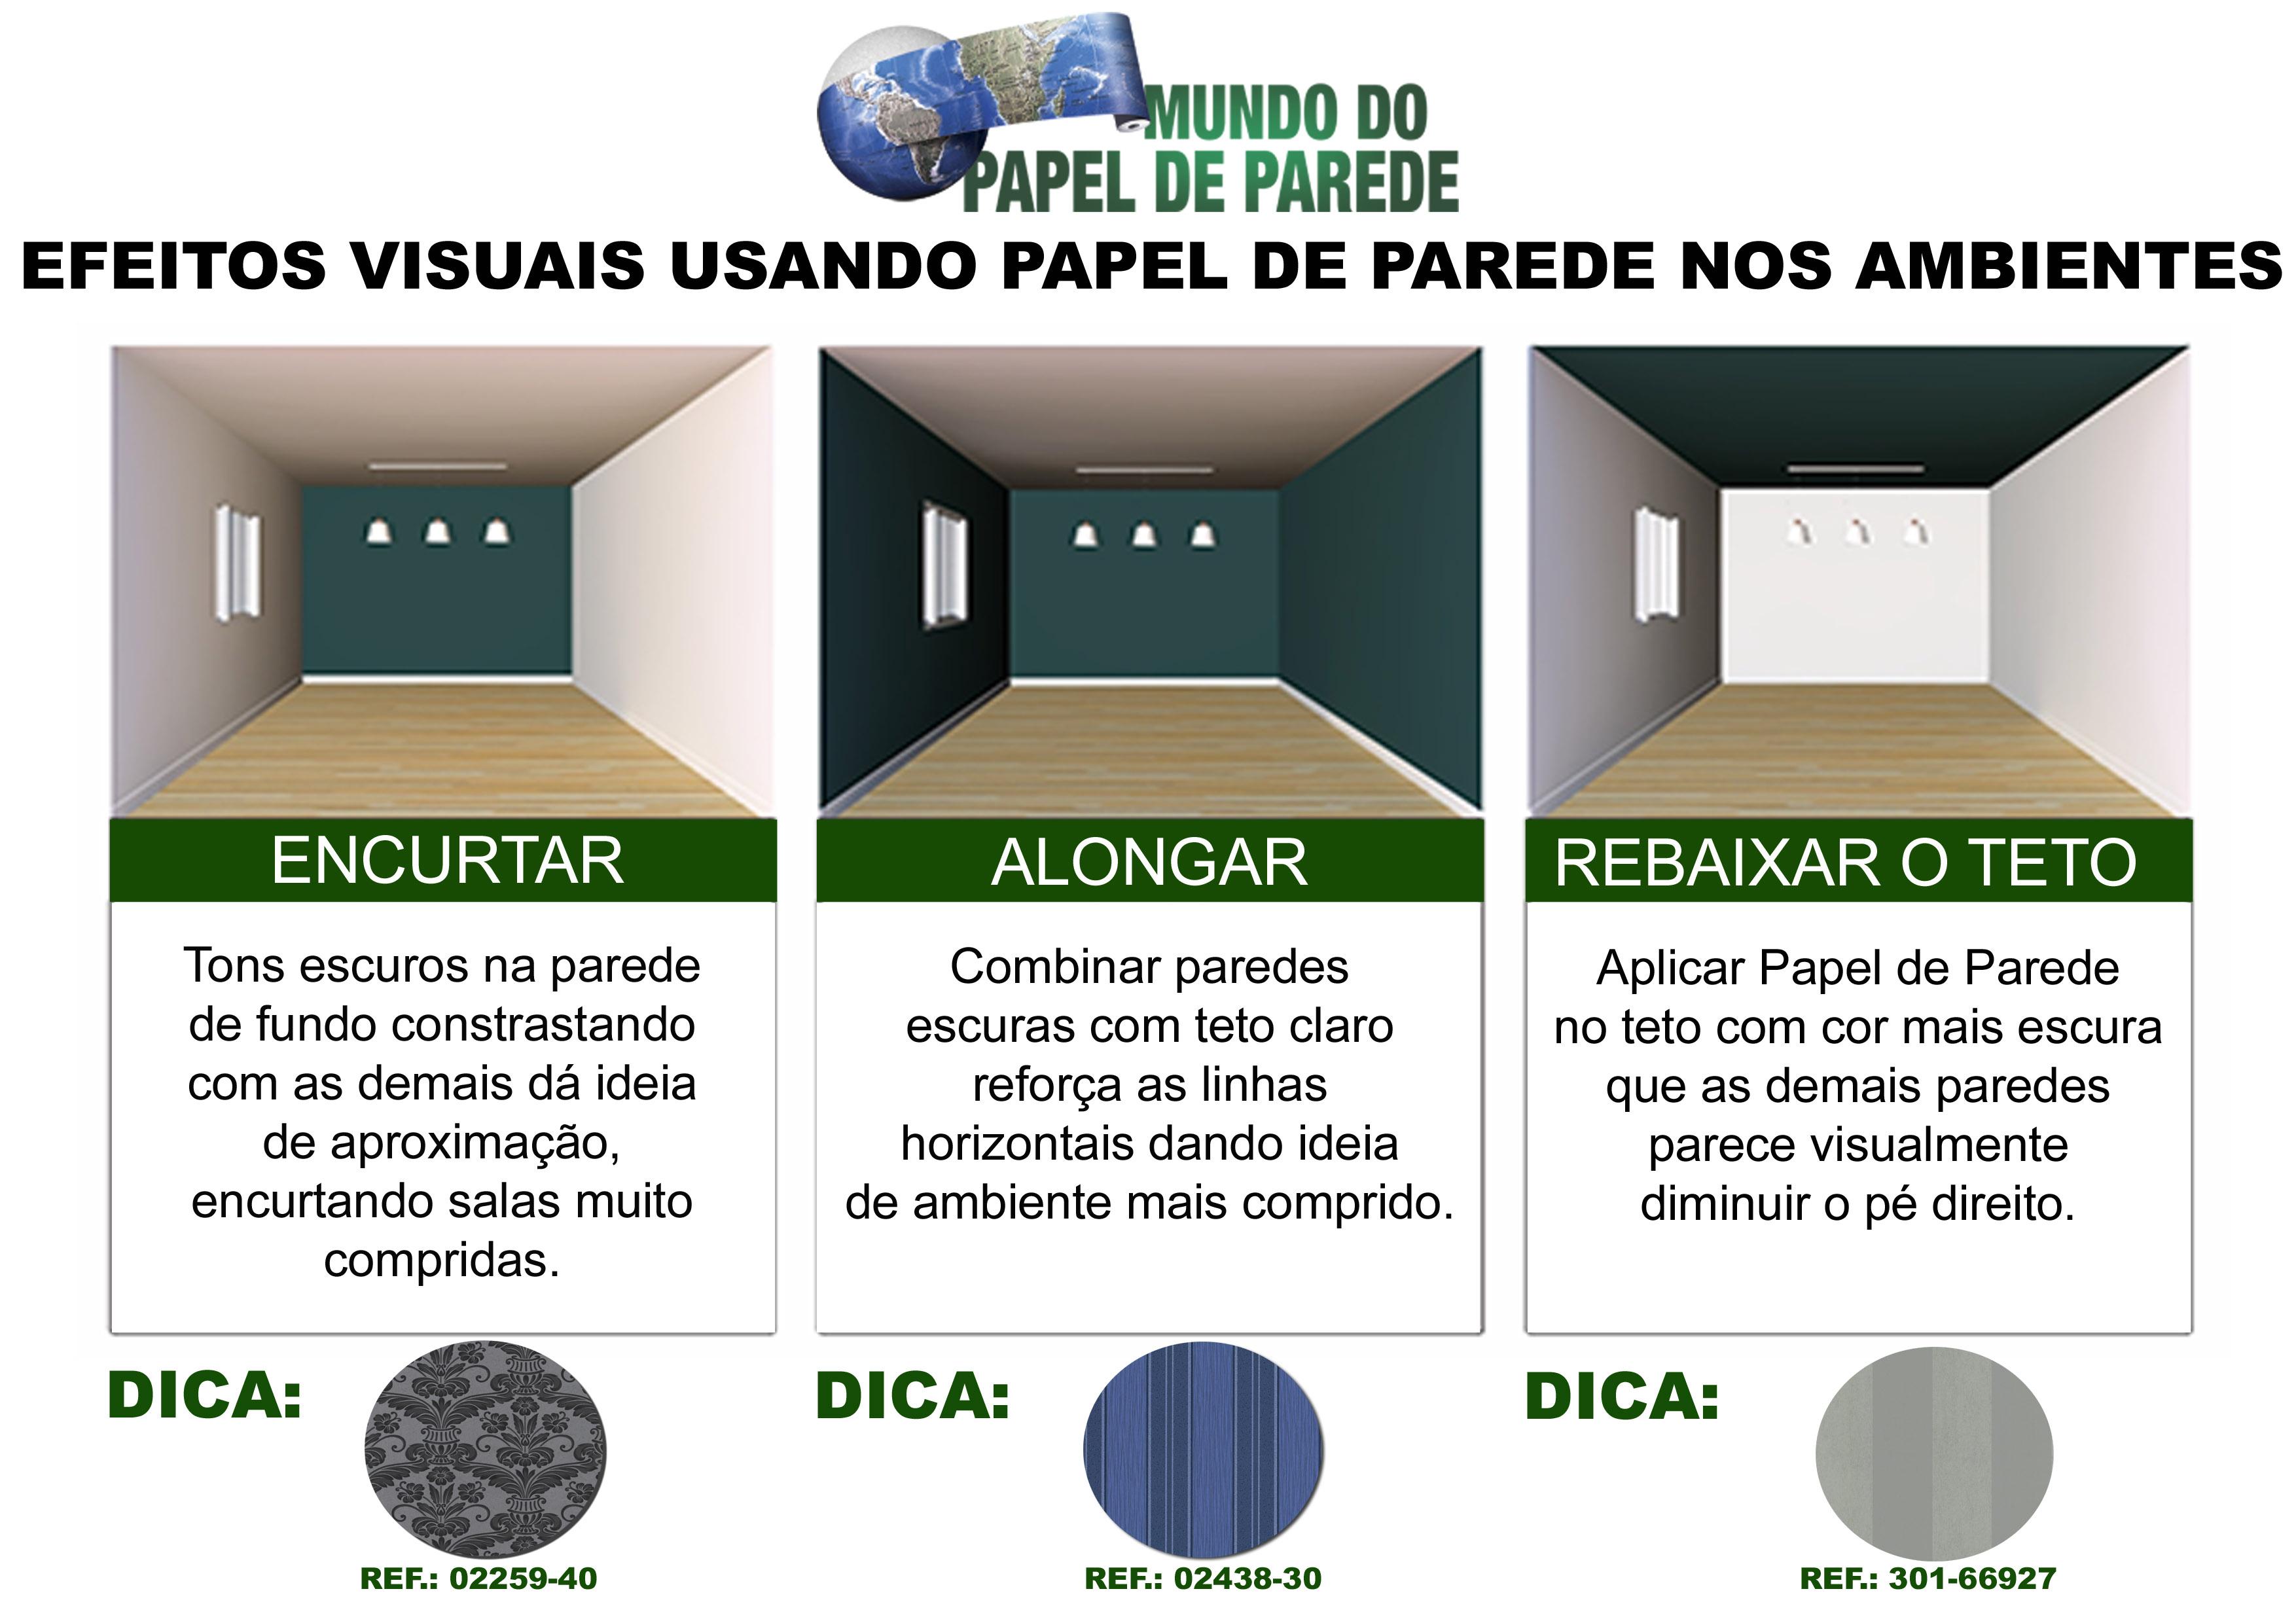 DICA1 copy